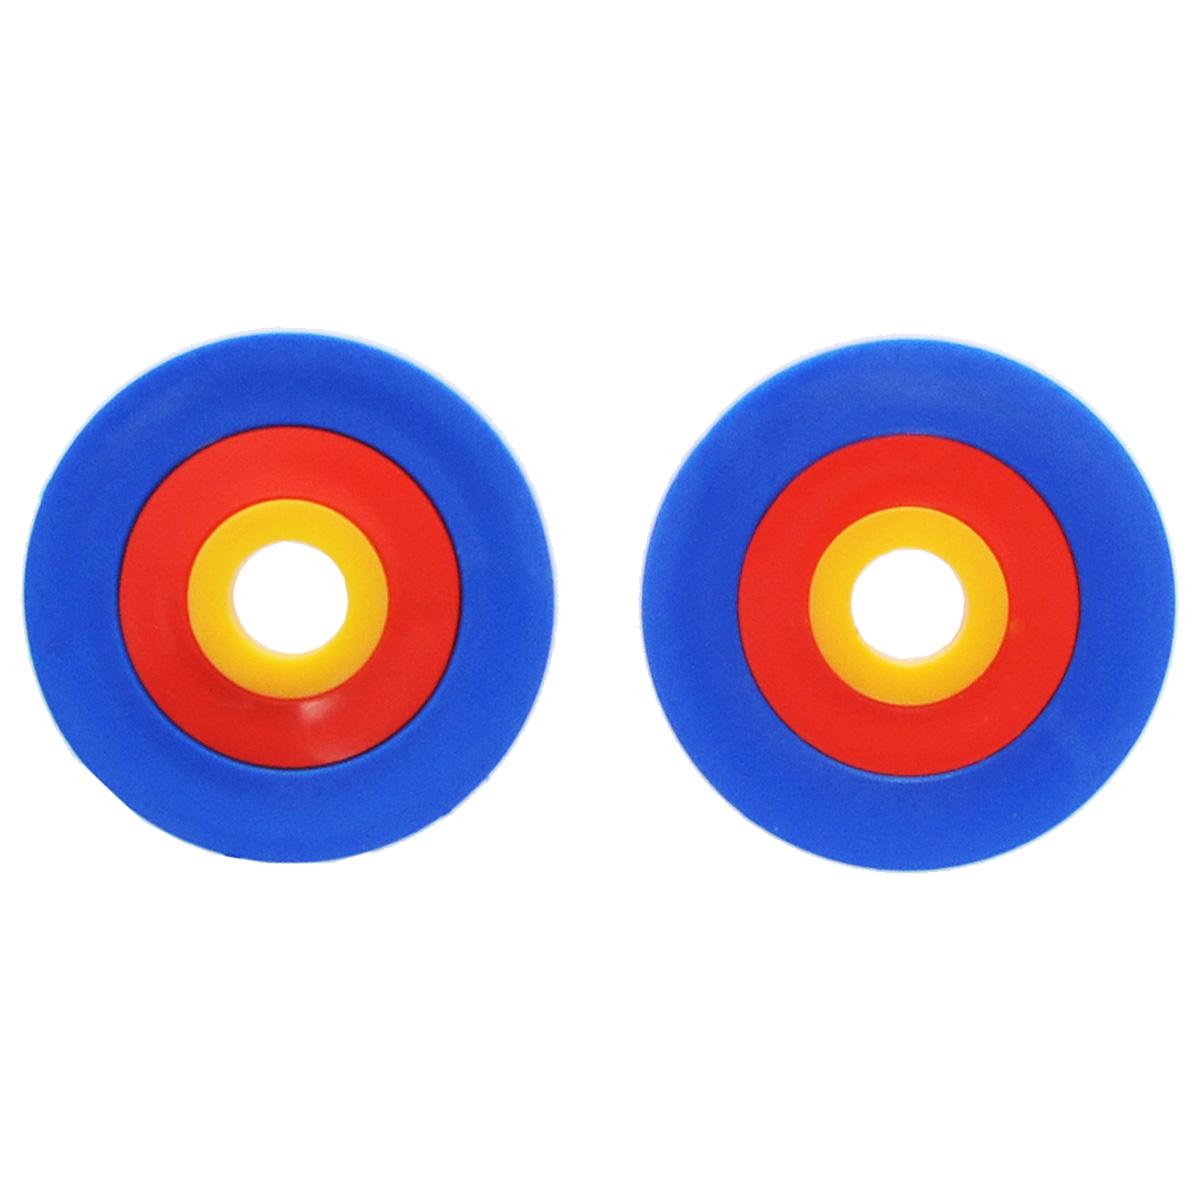 Кольца для помпонов RTOГТ054Кольца для помпонов RTO - интересный аксессуар для любительниц рукоделия, который упростит процесс изготовления помпонов. В наборе 3 пары колец разного диаметра. Размер кольца зависит от размера помпона, который вы хотите получить. Помпон будет равен диаметру кольца.